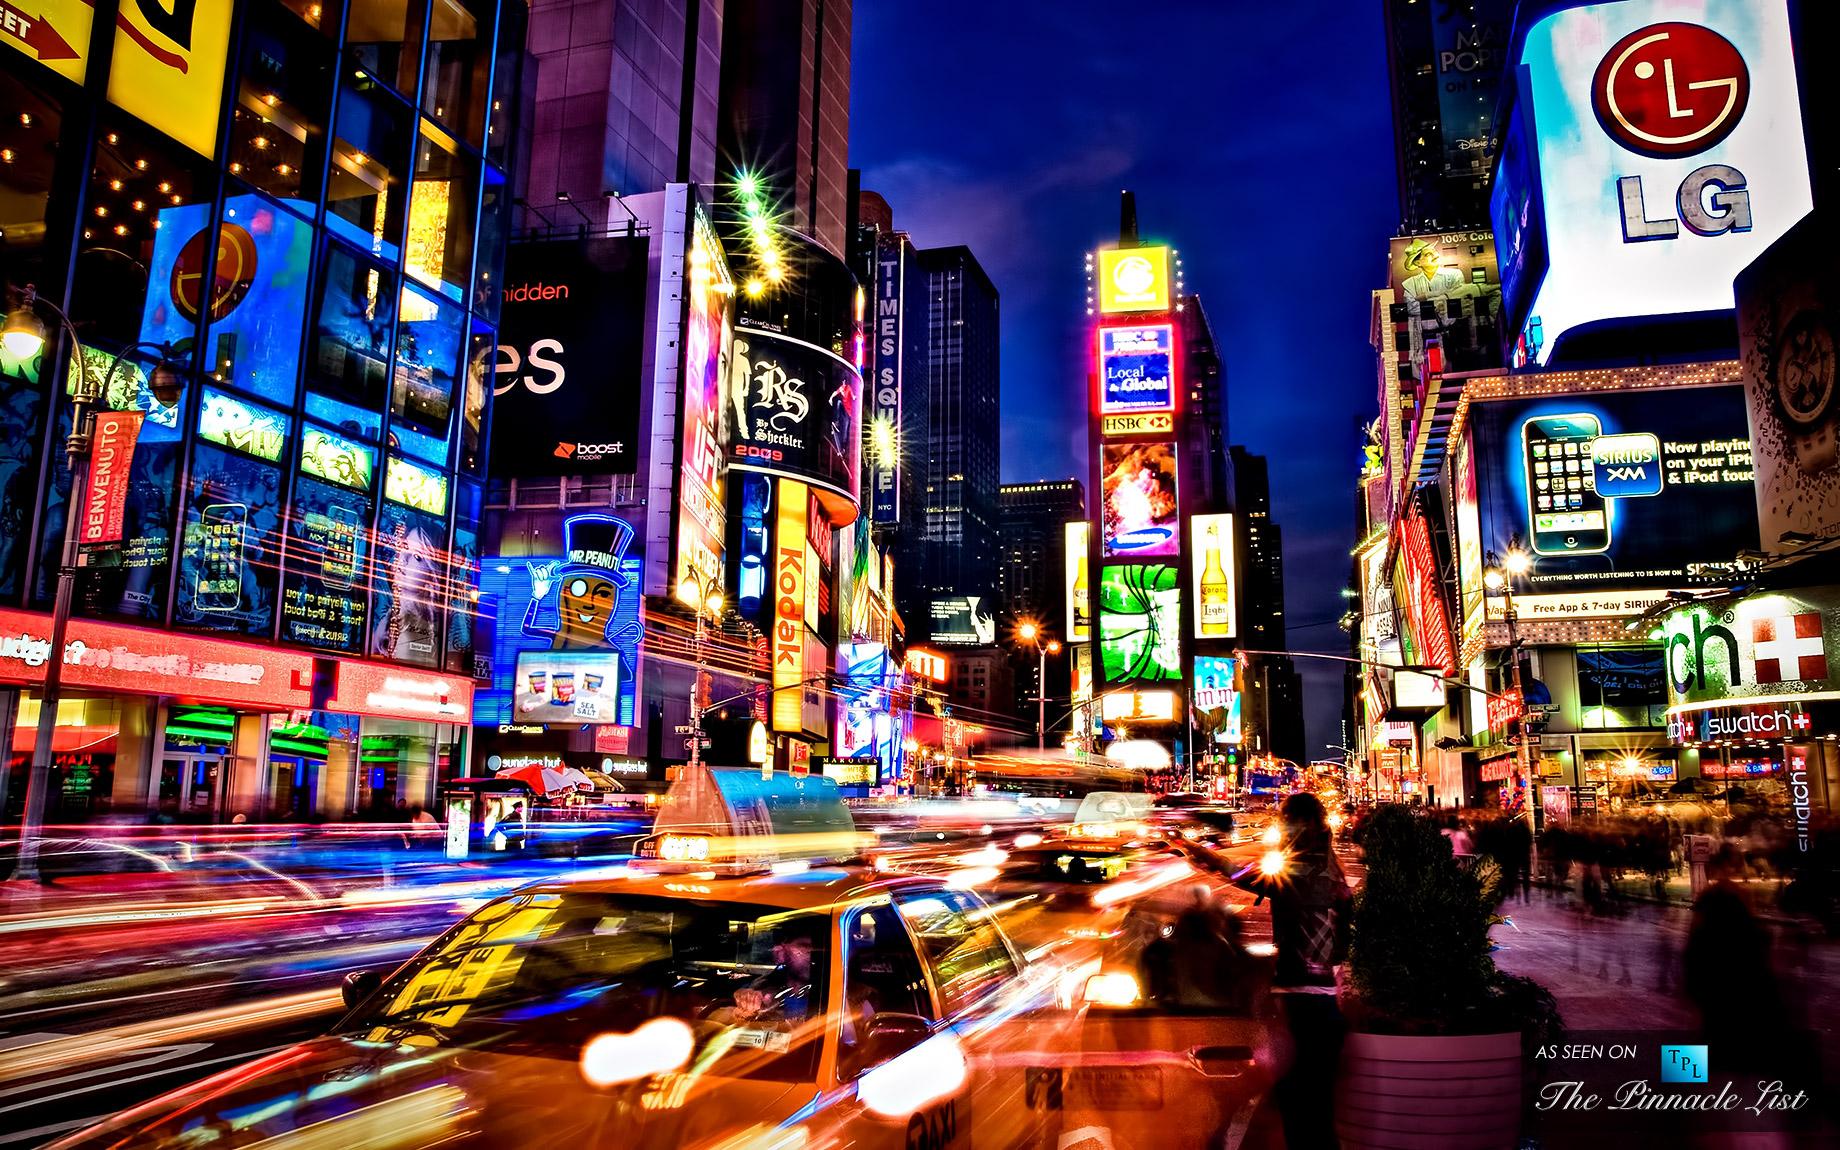 New York, now.